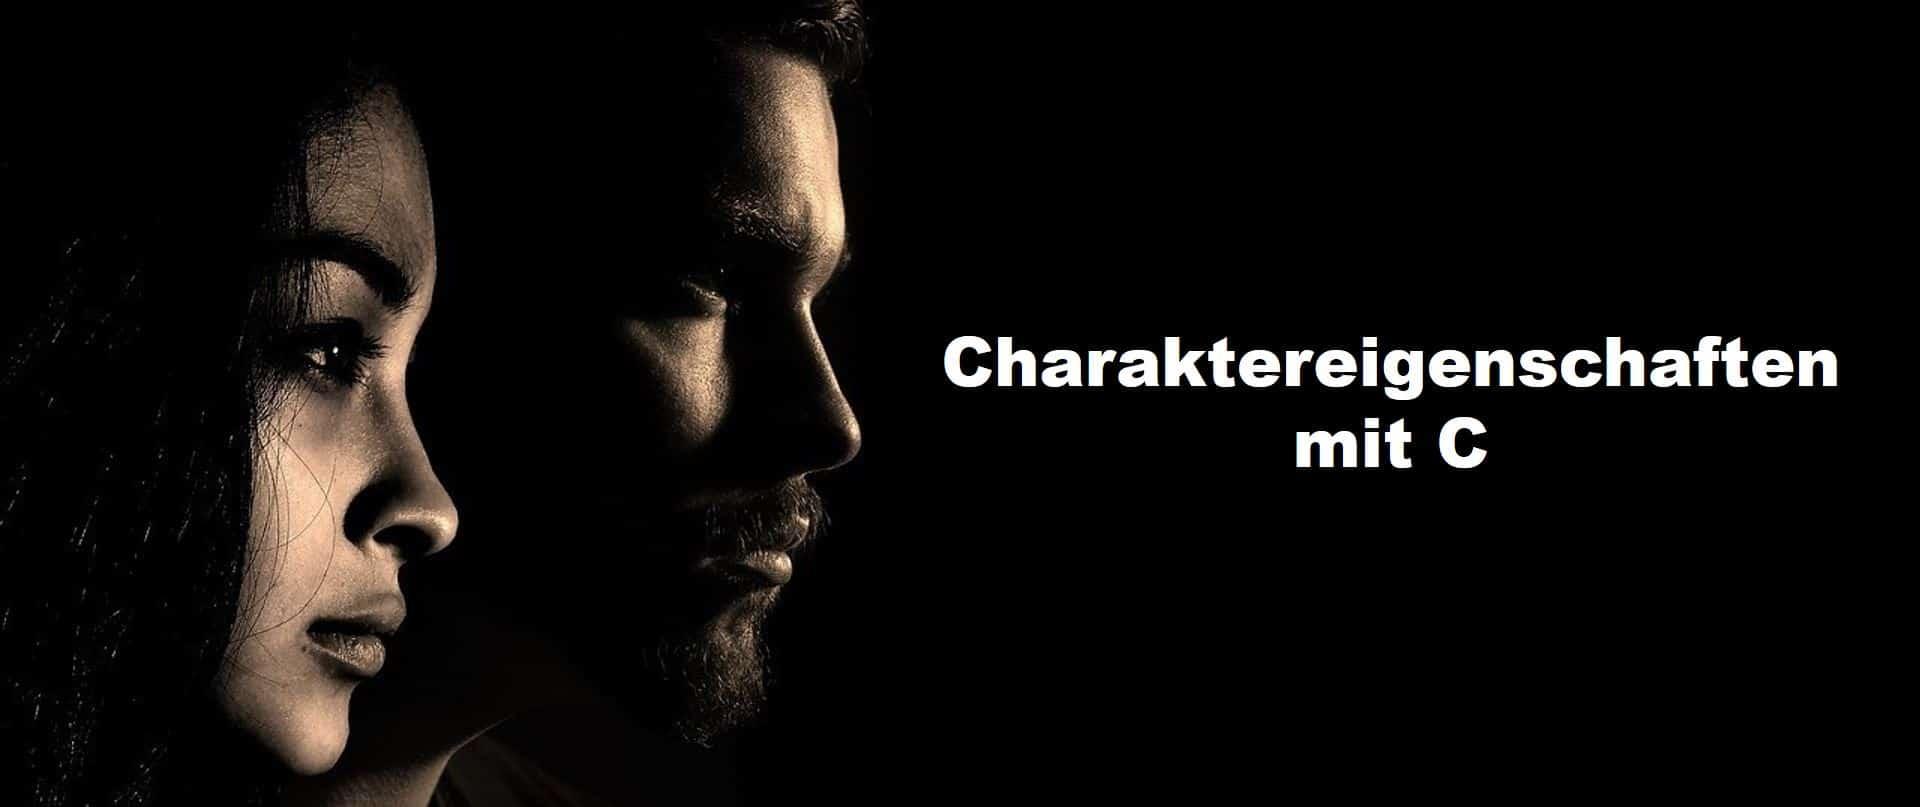 Charaktereigenschaften mit C